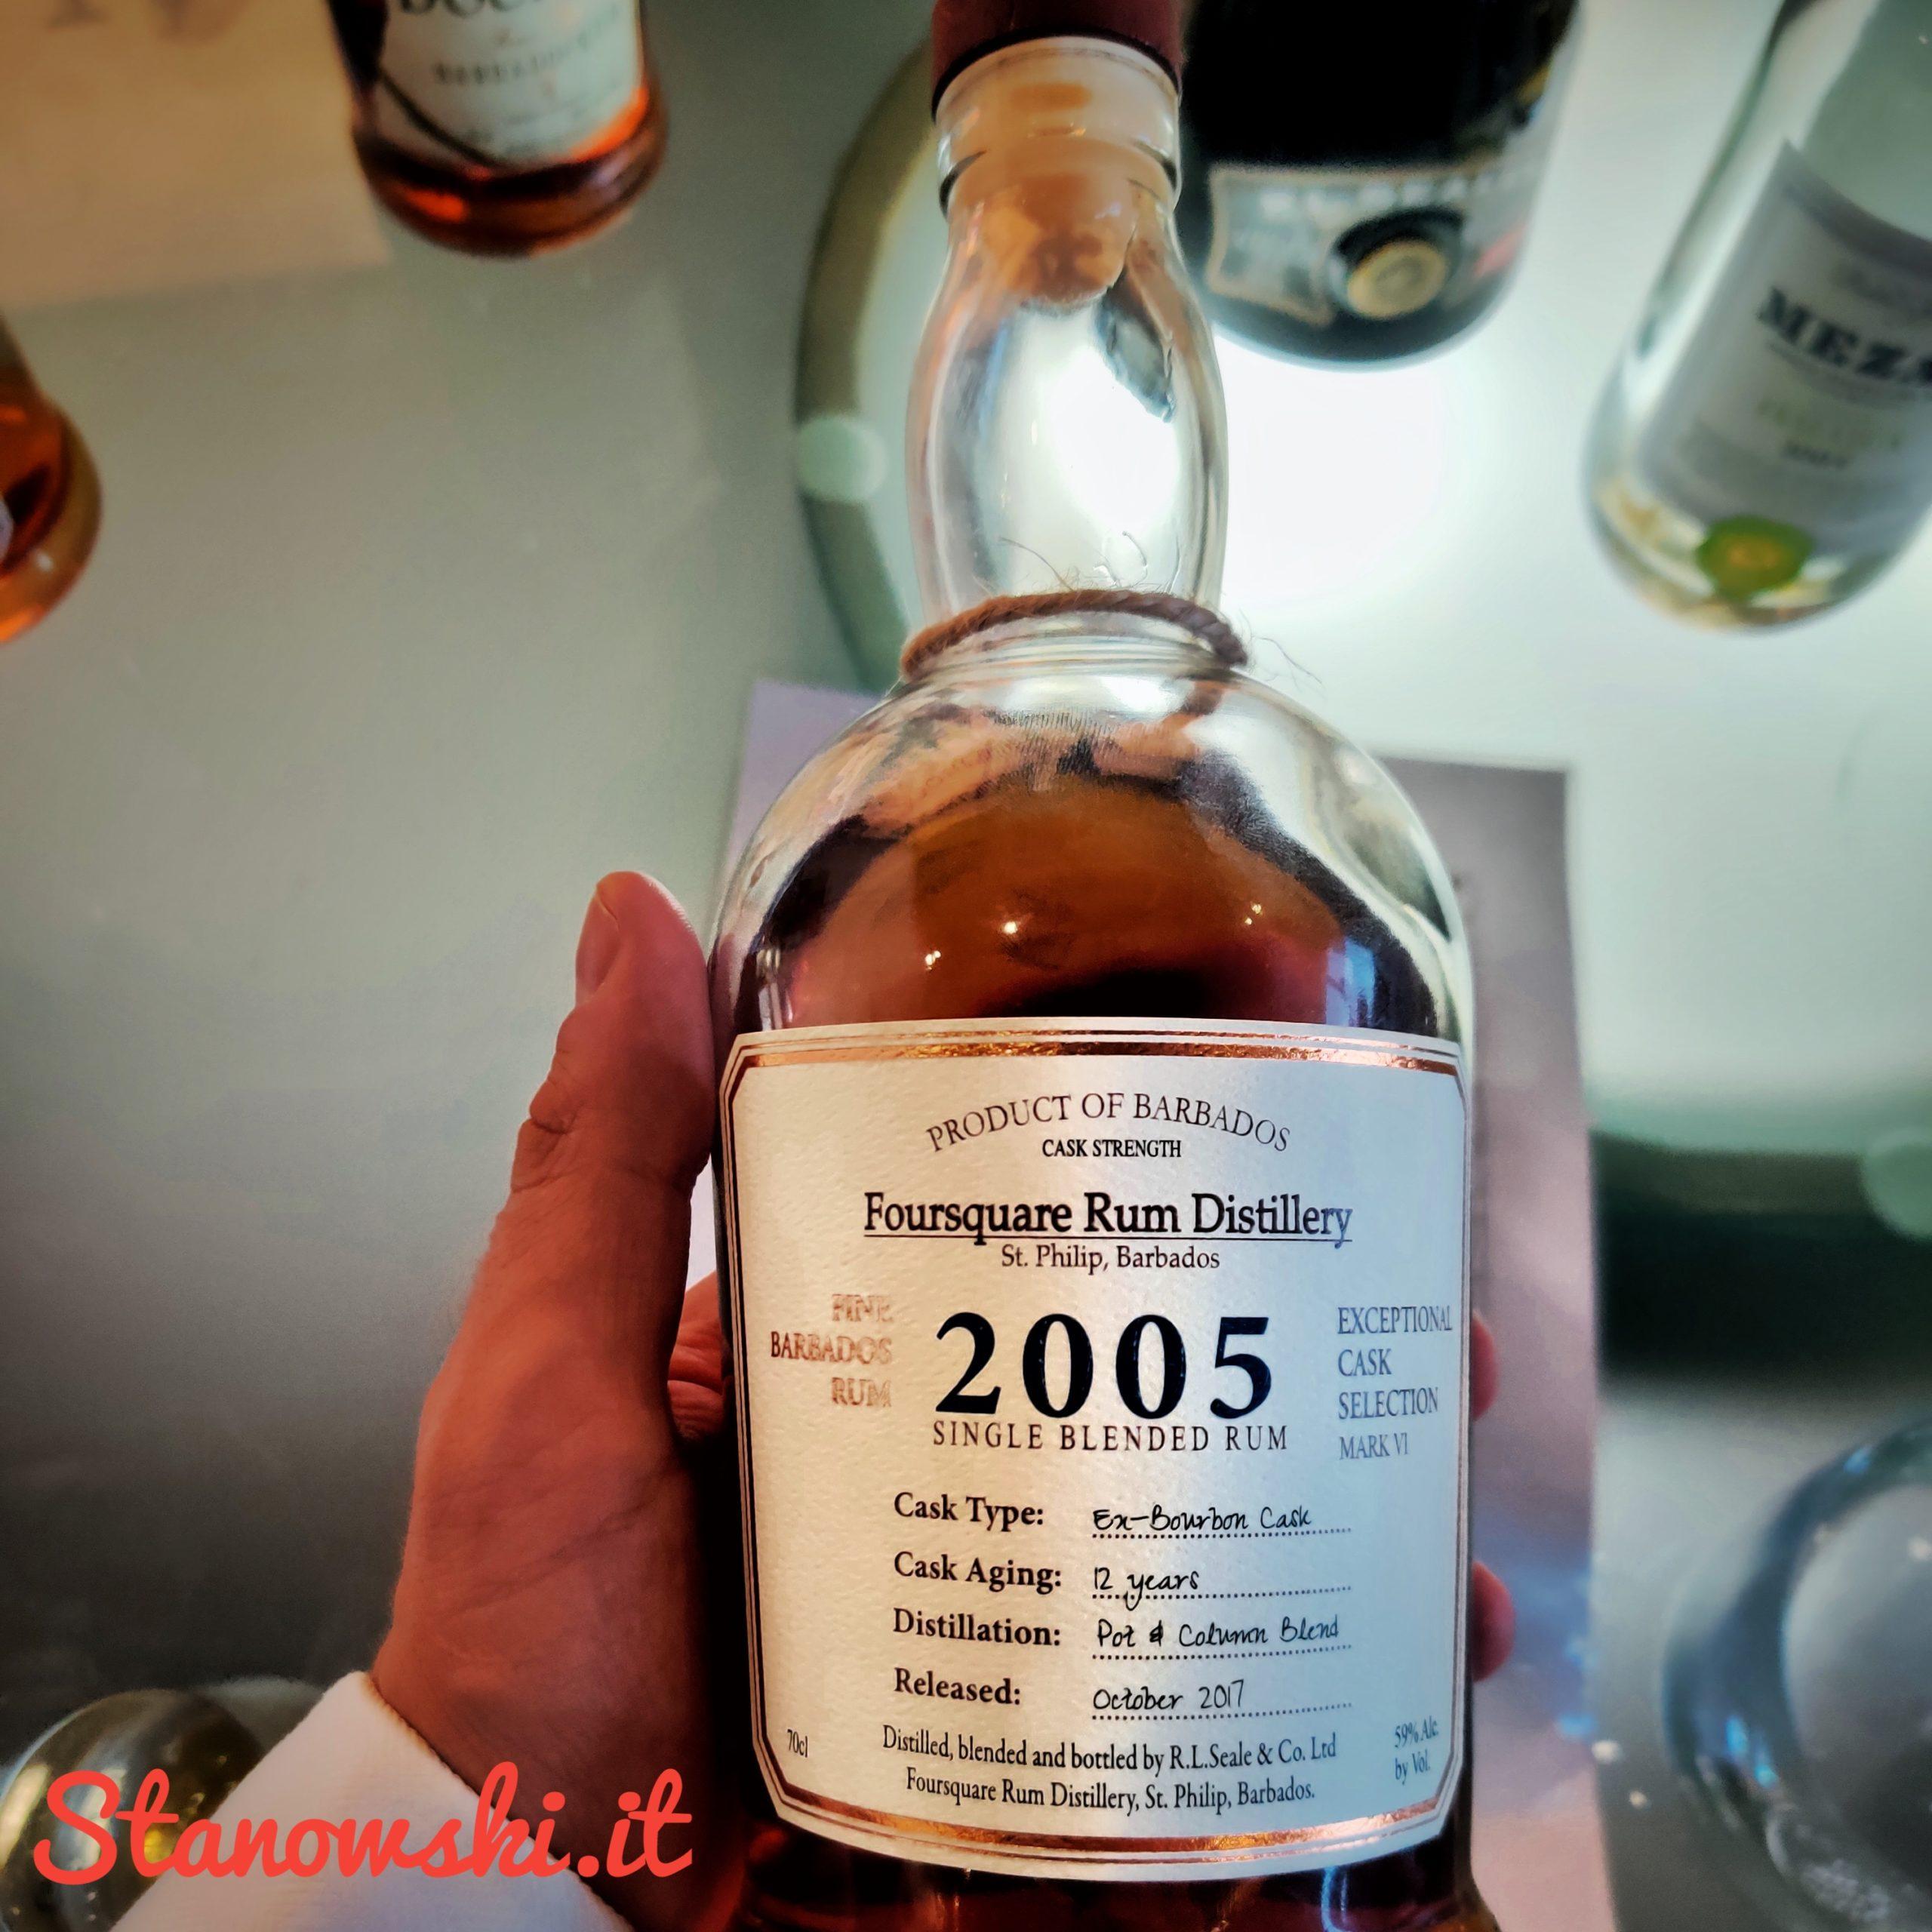 Foursquare 2005 Rum